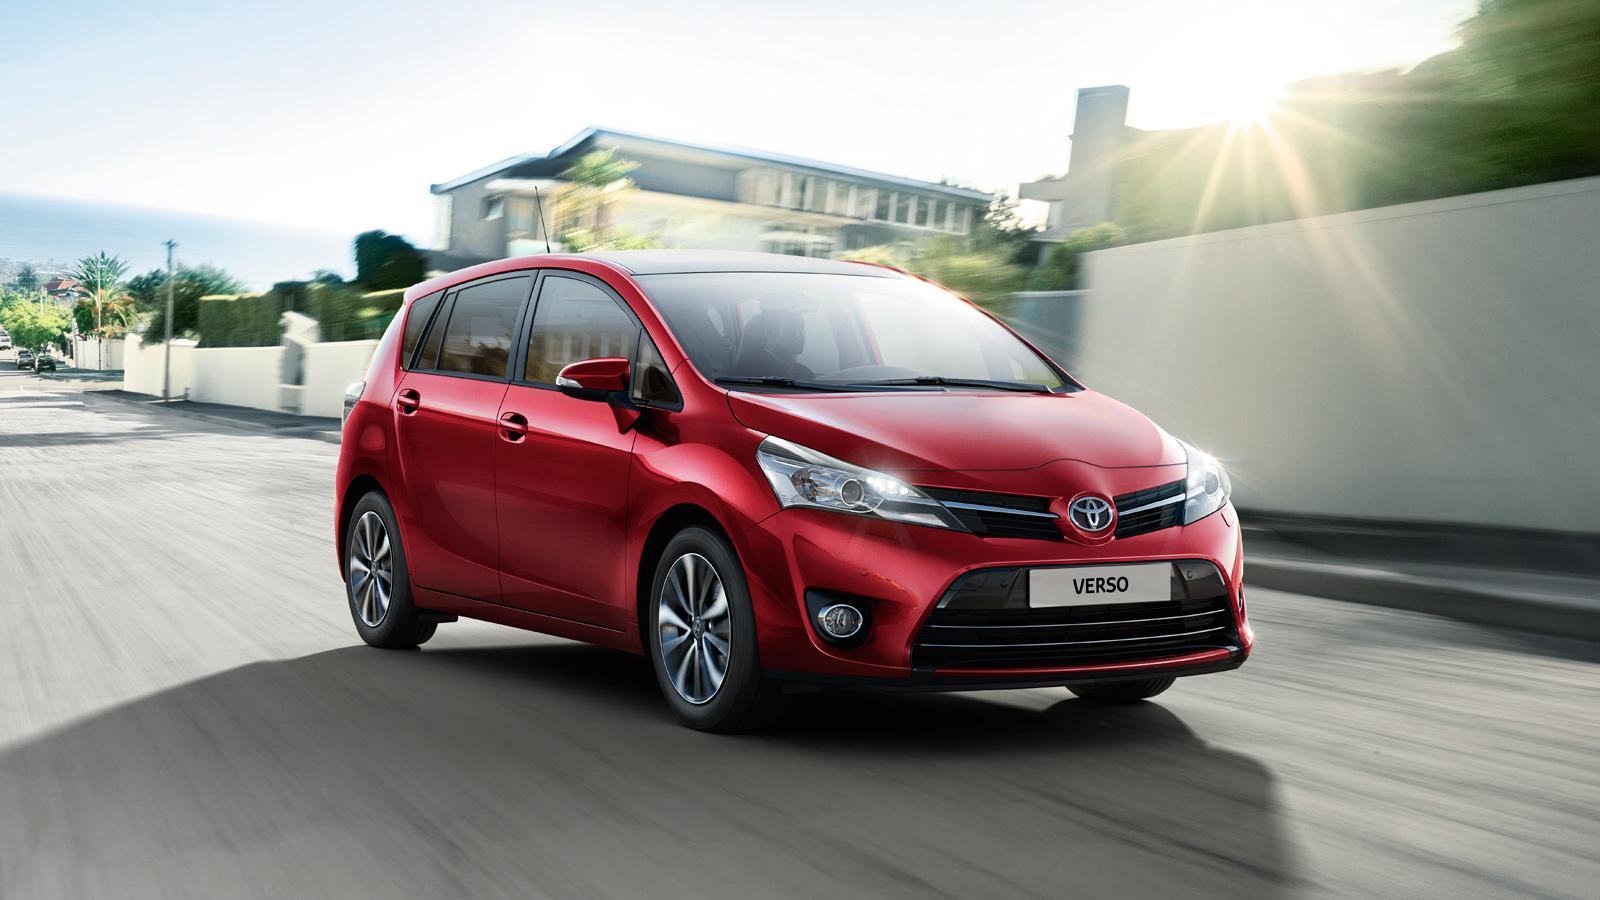 Tecnología, espacio y estilo se mezclan en el Toyota Verso, uno de los monovolumen más apreciados y fiables del mercado.